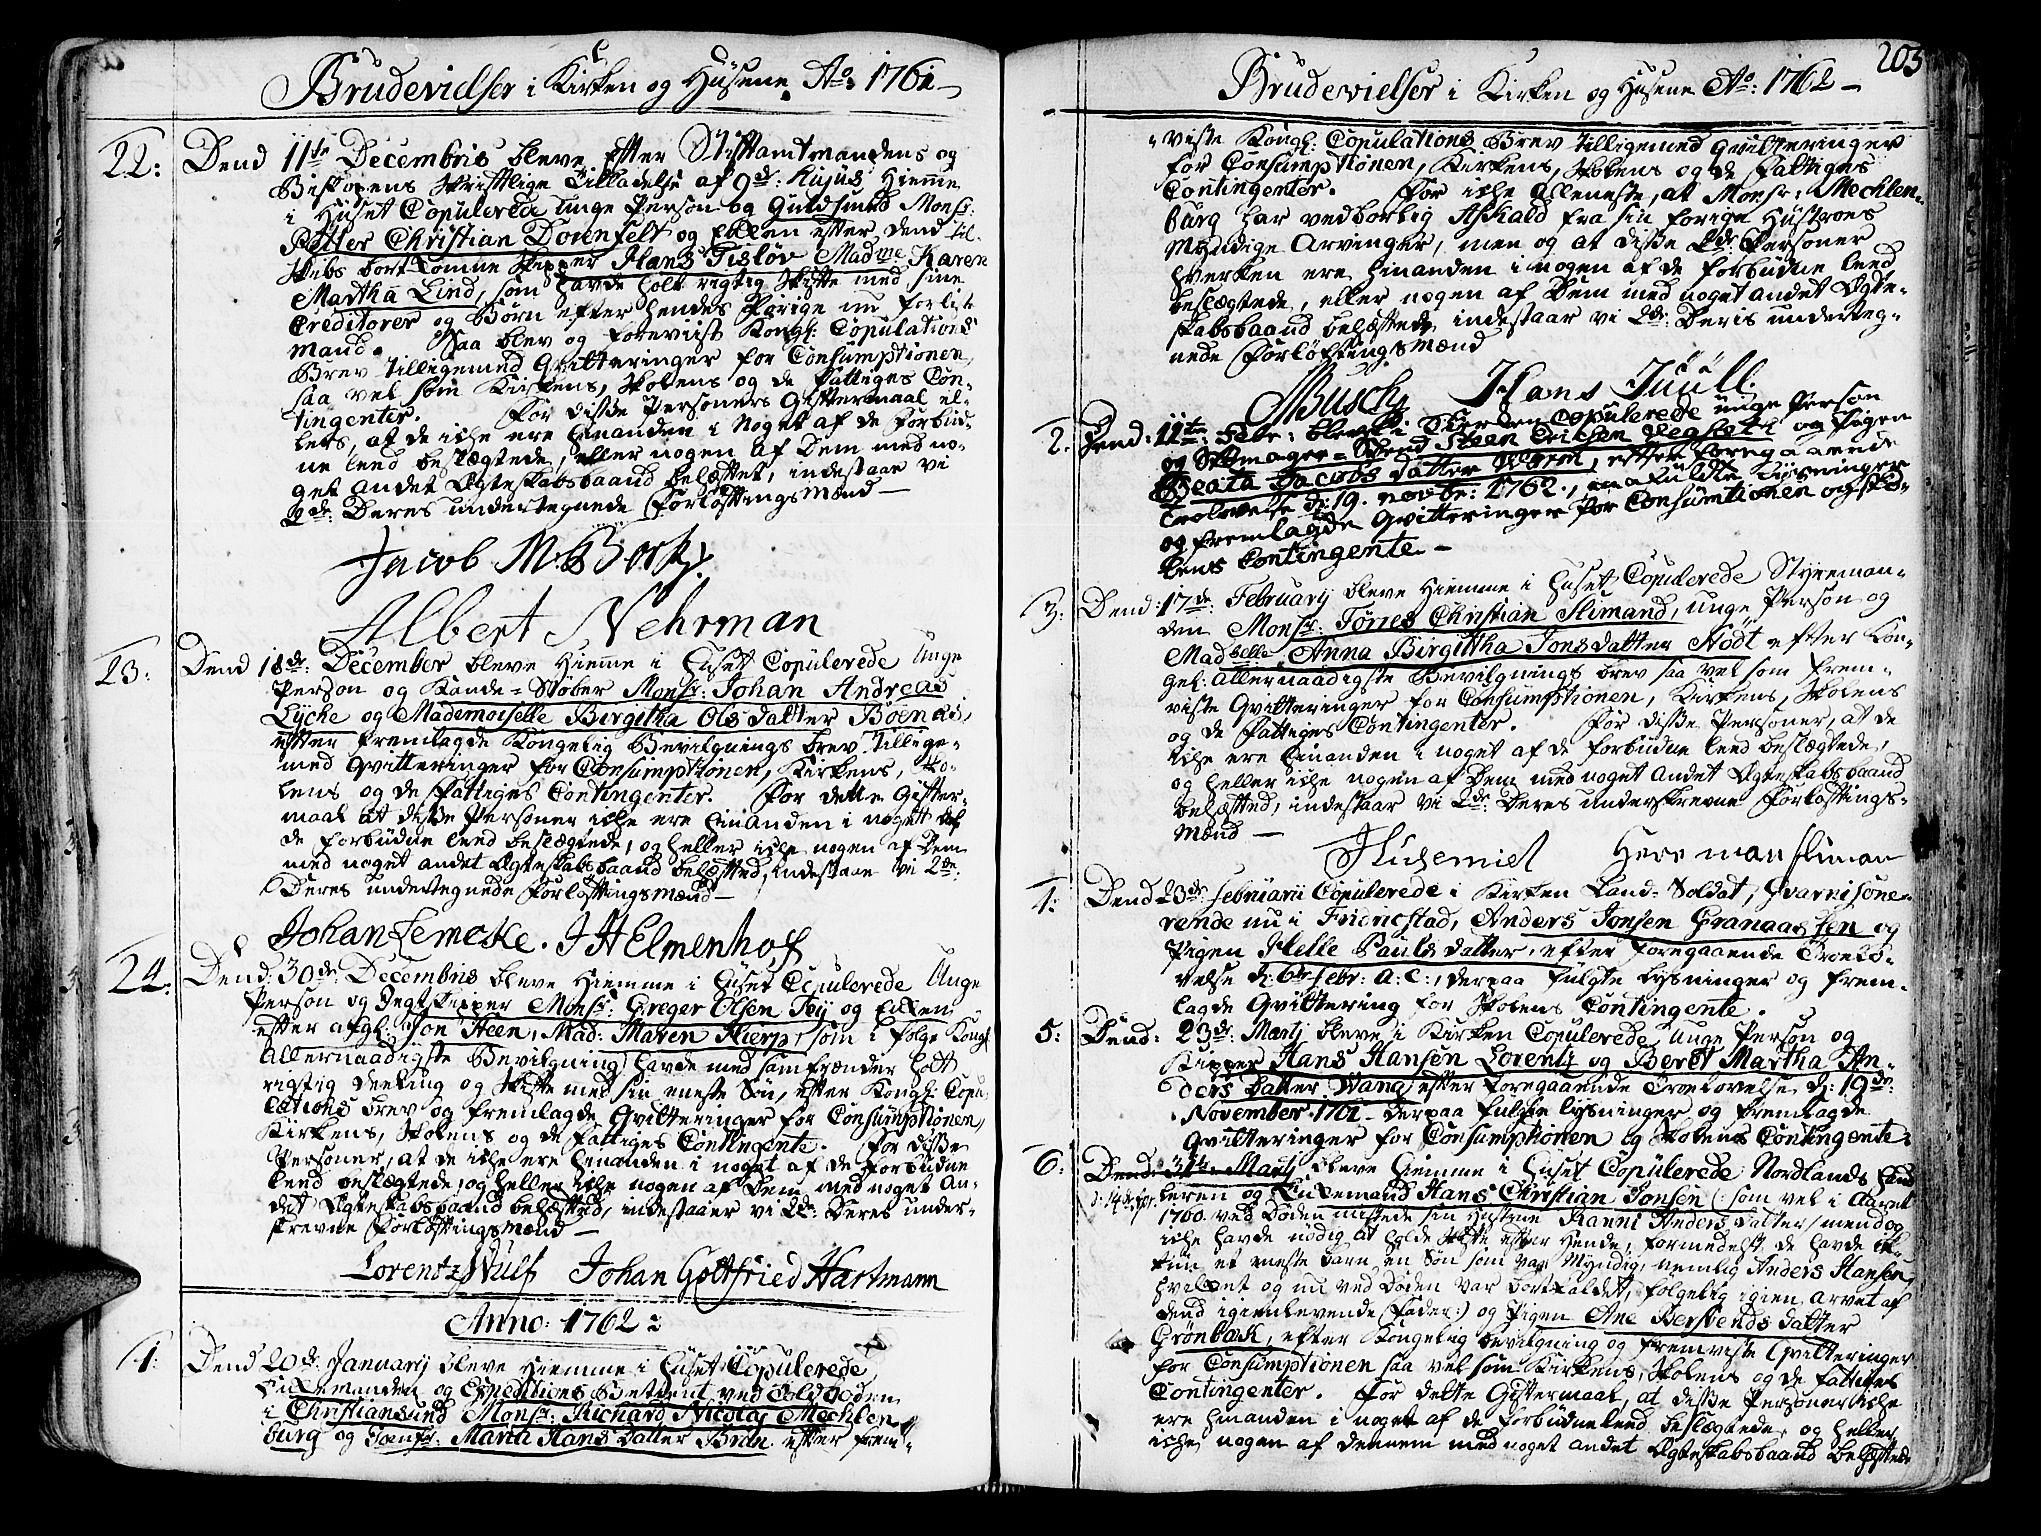 SAT, Ministerialprotokoller, klokkerbøker og fødselsregistre - Sør-Trøndelag, 602/L0103: Ministerialbok nr. 602A01, 1732-1774, s. 205